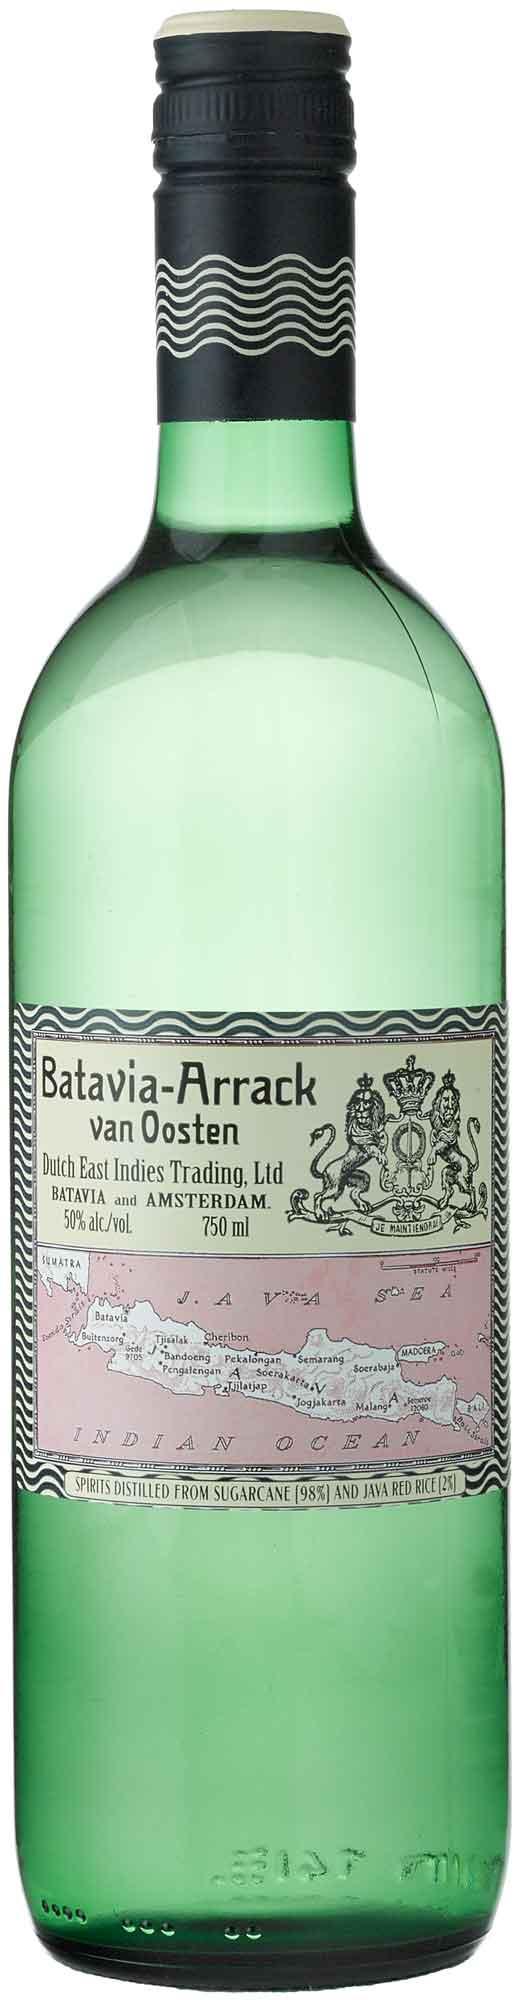 Batavia Arrack van Oosten